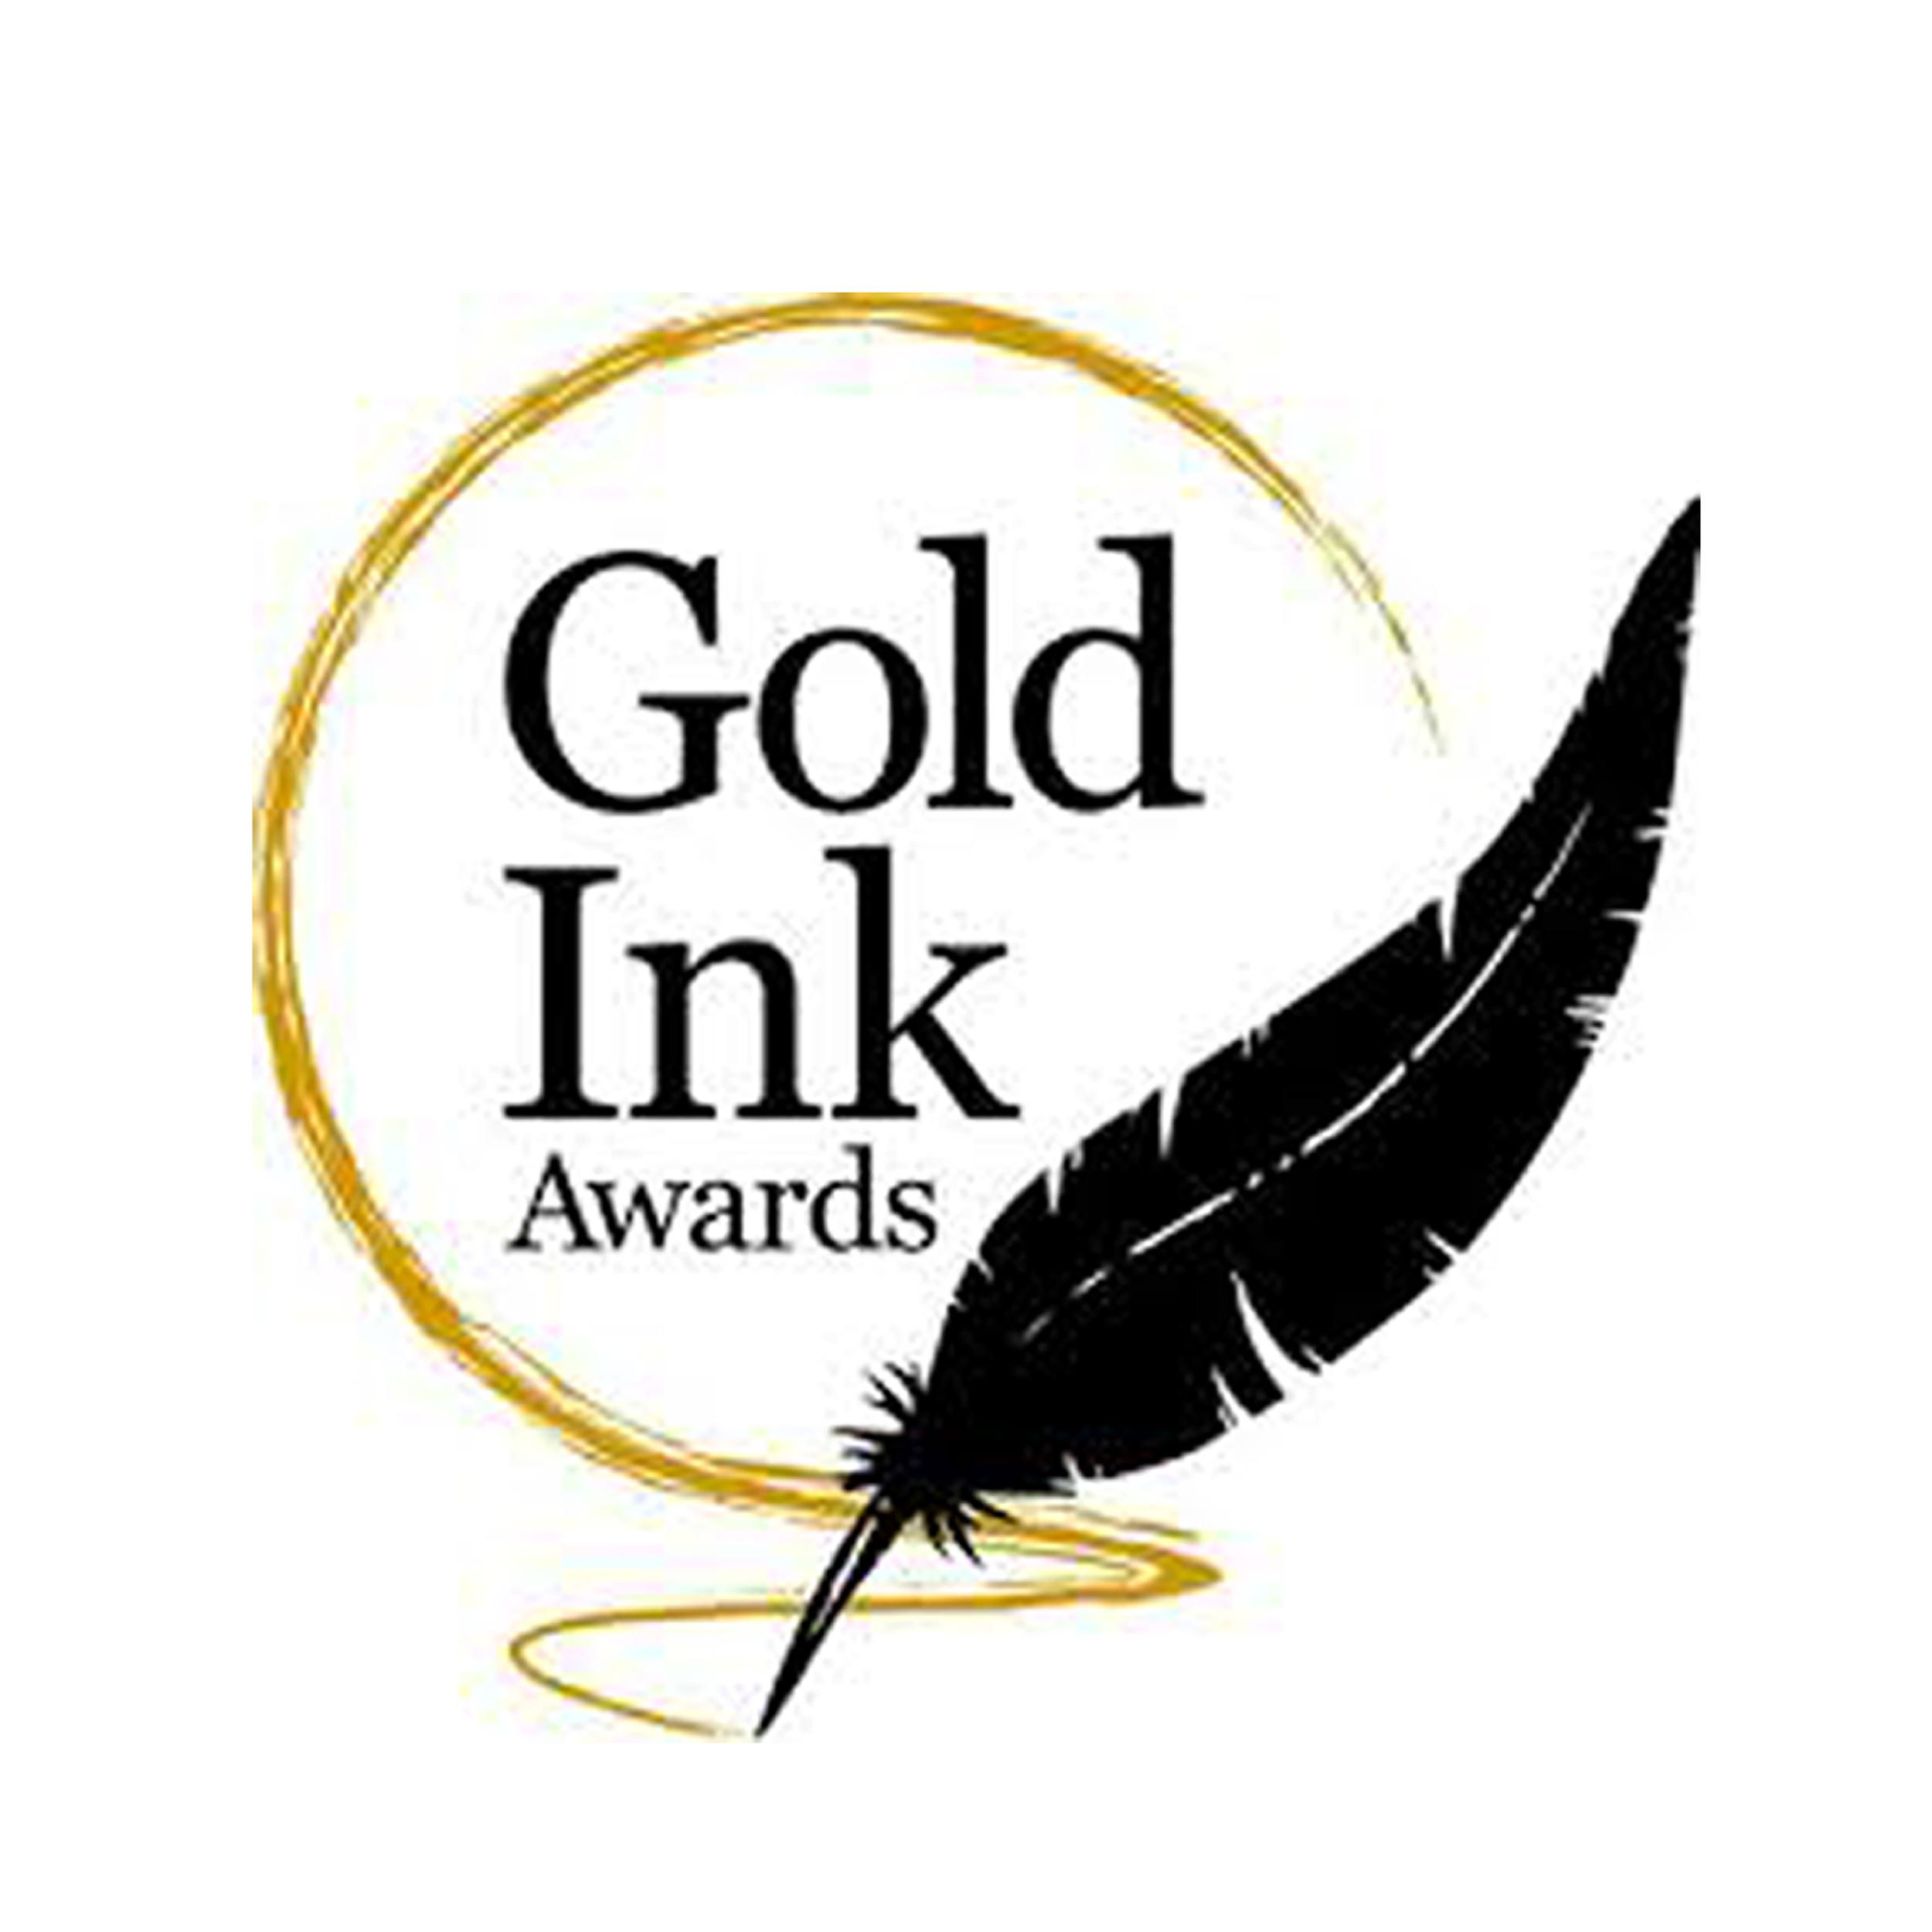 Gold Ink Awards